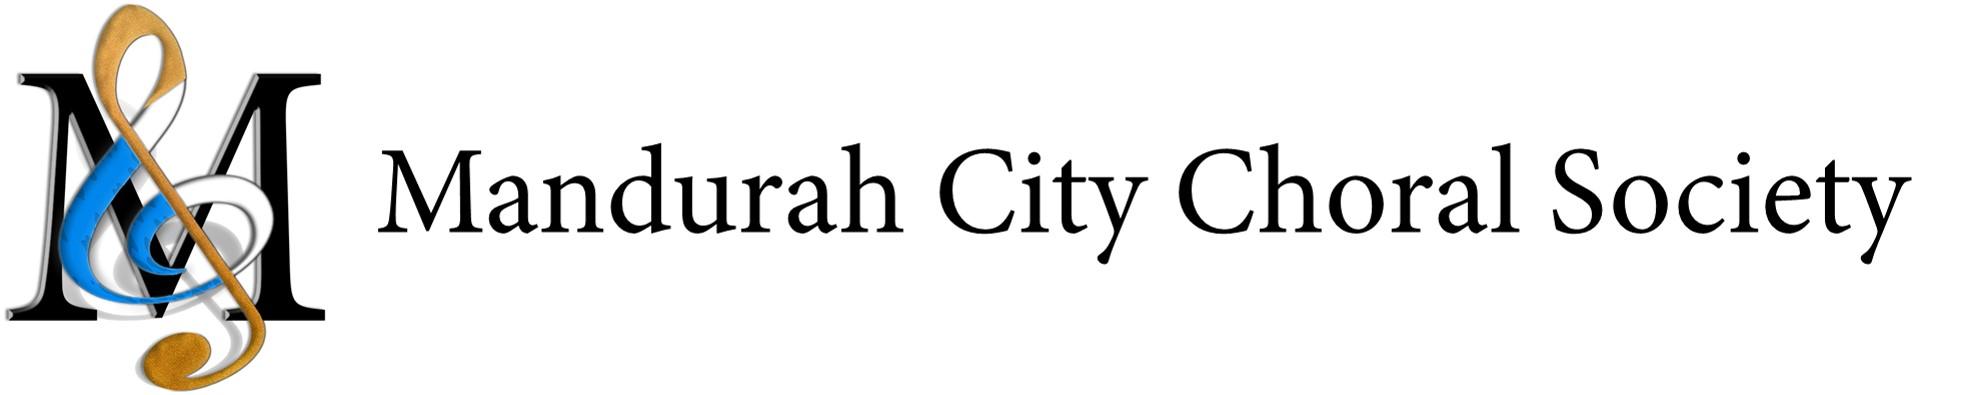 Mandurah City Choral Society